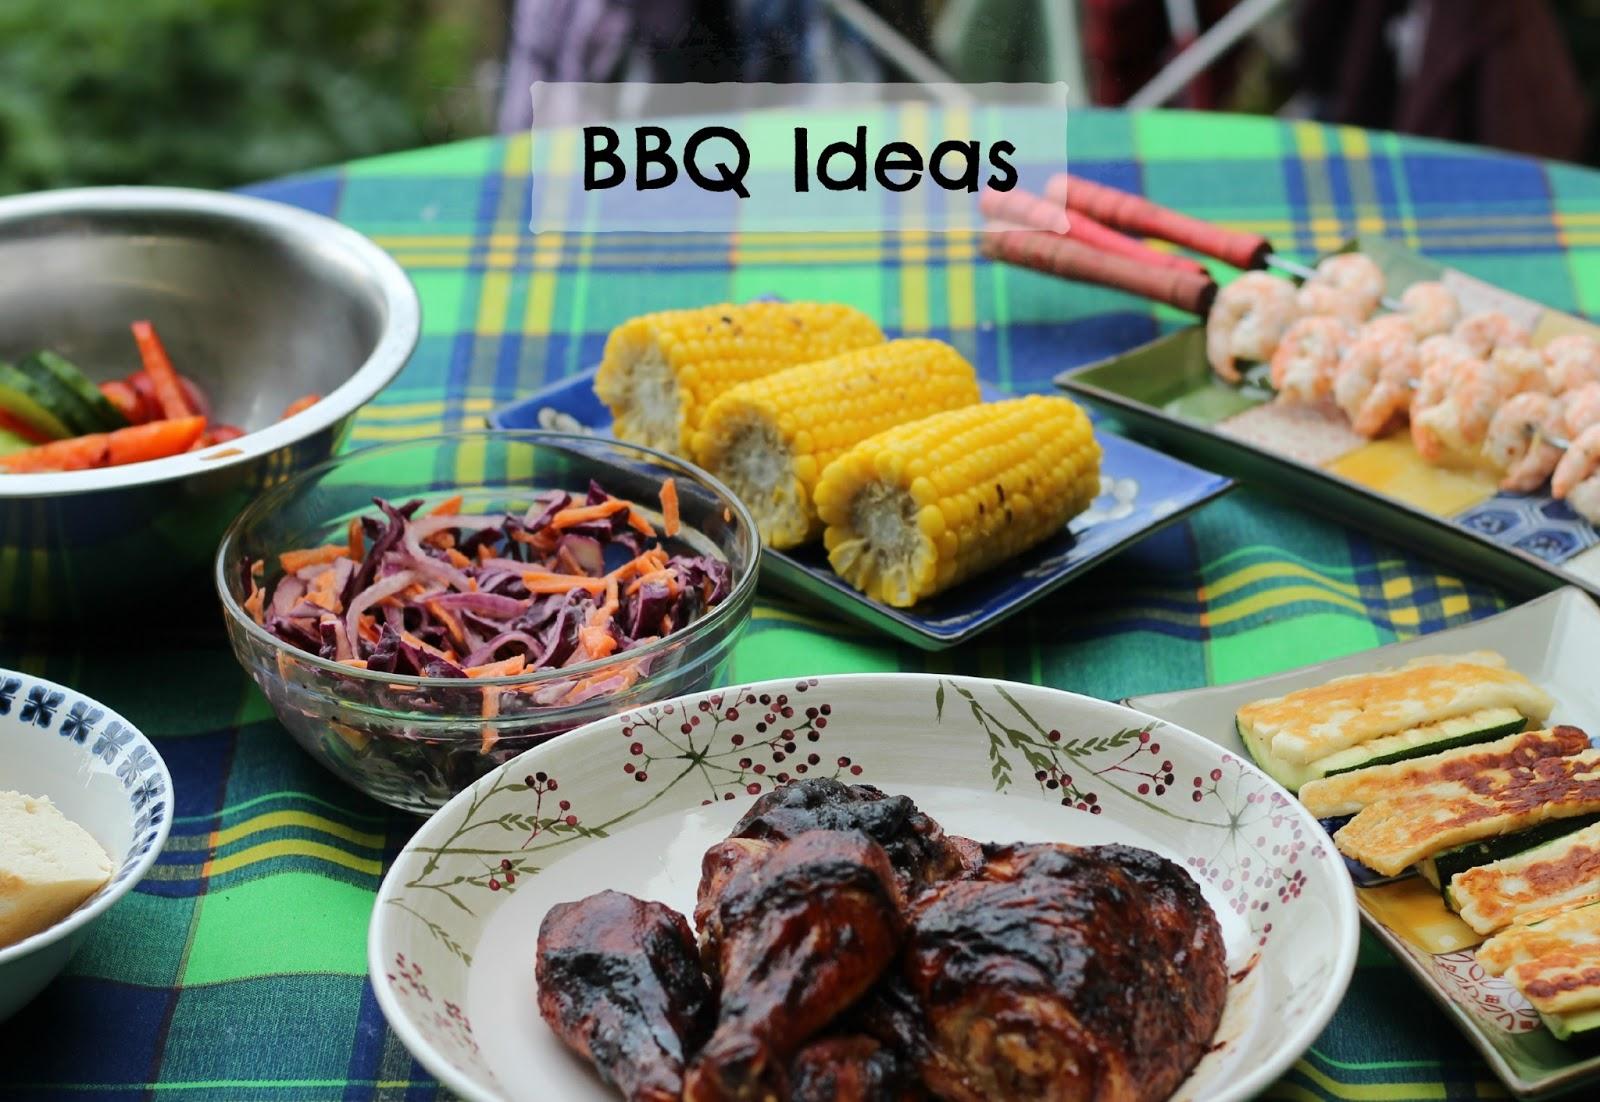 Best 28 Bbq Food Ideas Www Backyard Bbq Party Menu